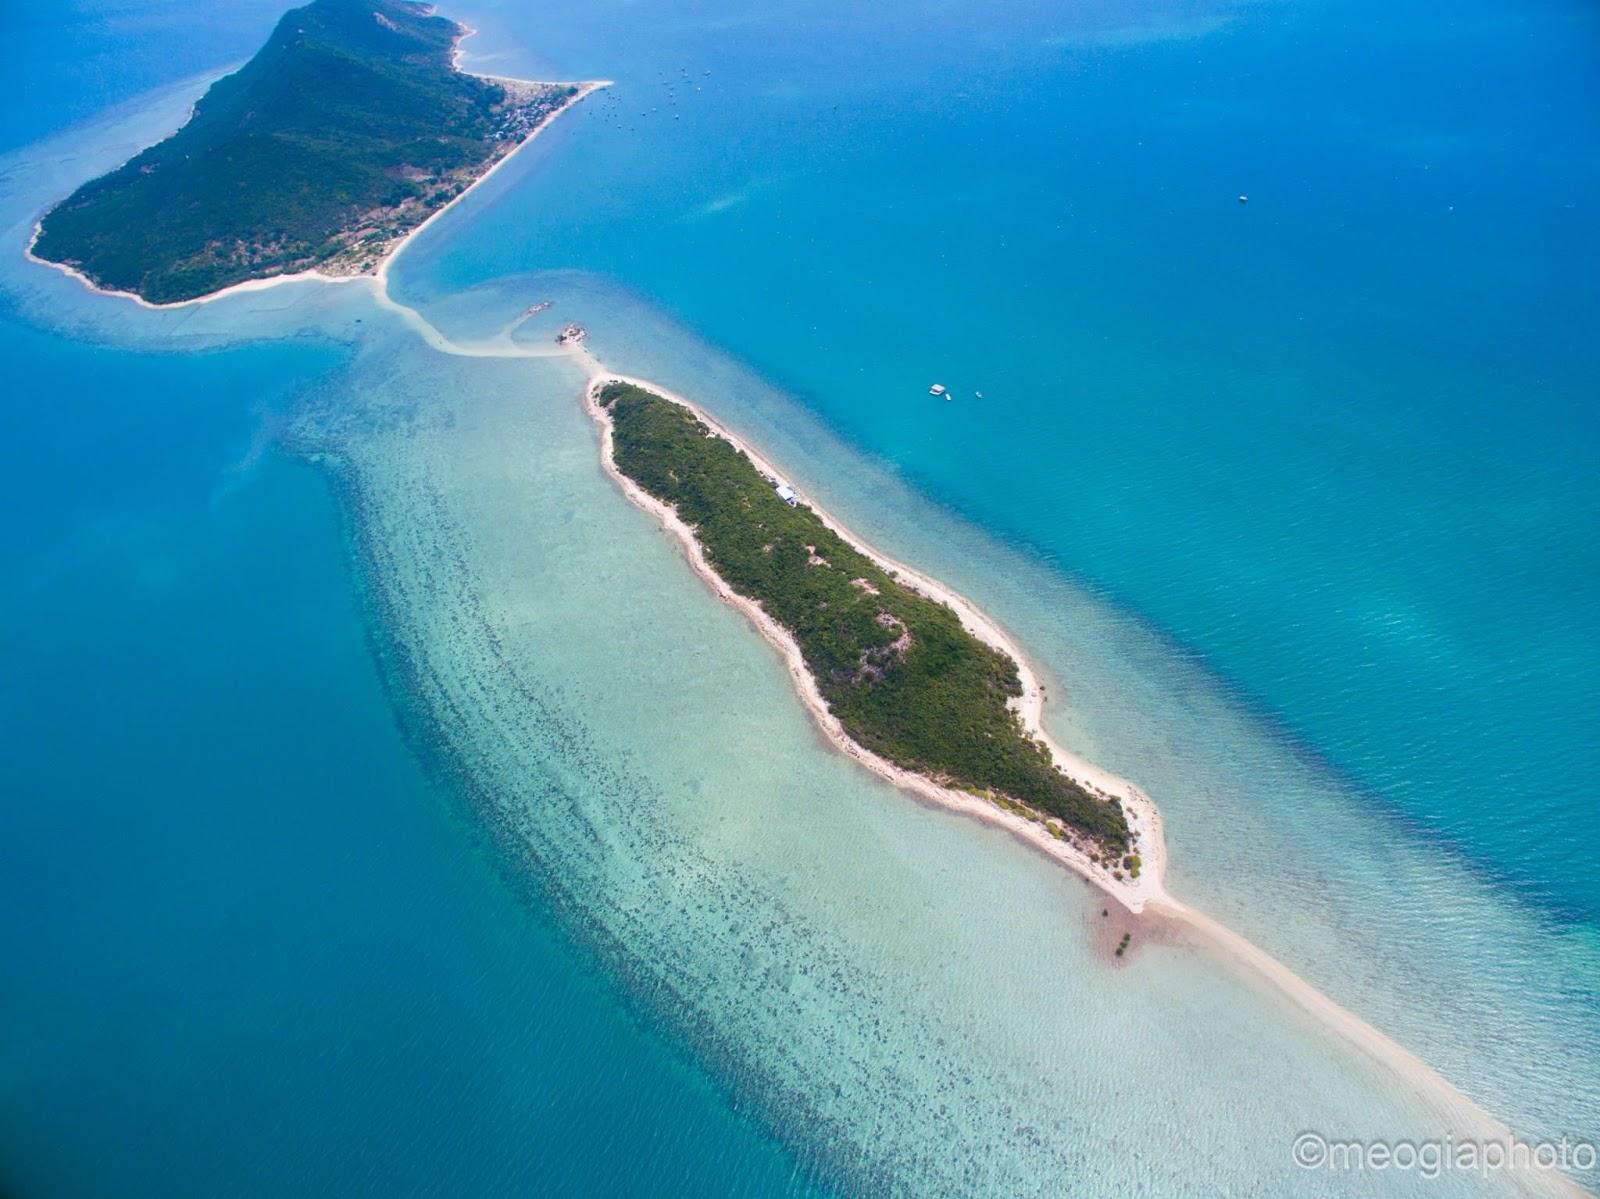 Vẻ đẹp khó cưỡng của đảo Điệp Sơn thuộc khu kinh tế Bắc Vân Phong cần bảo tồn